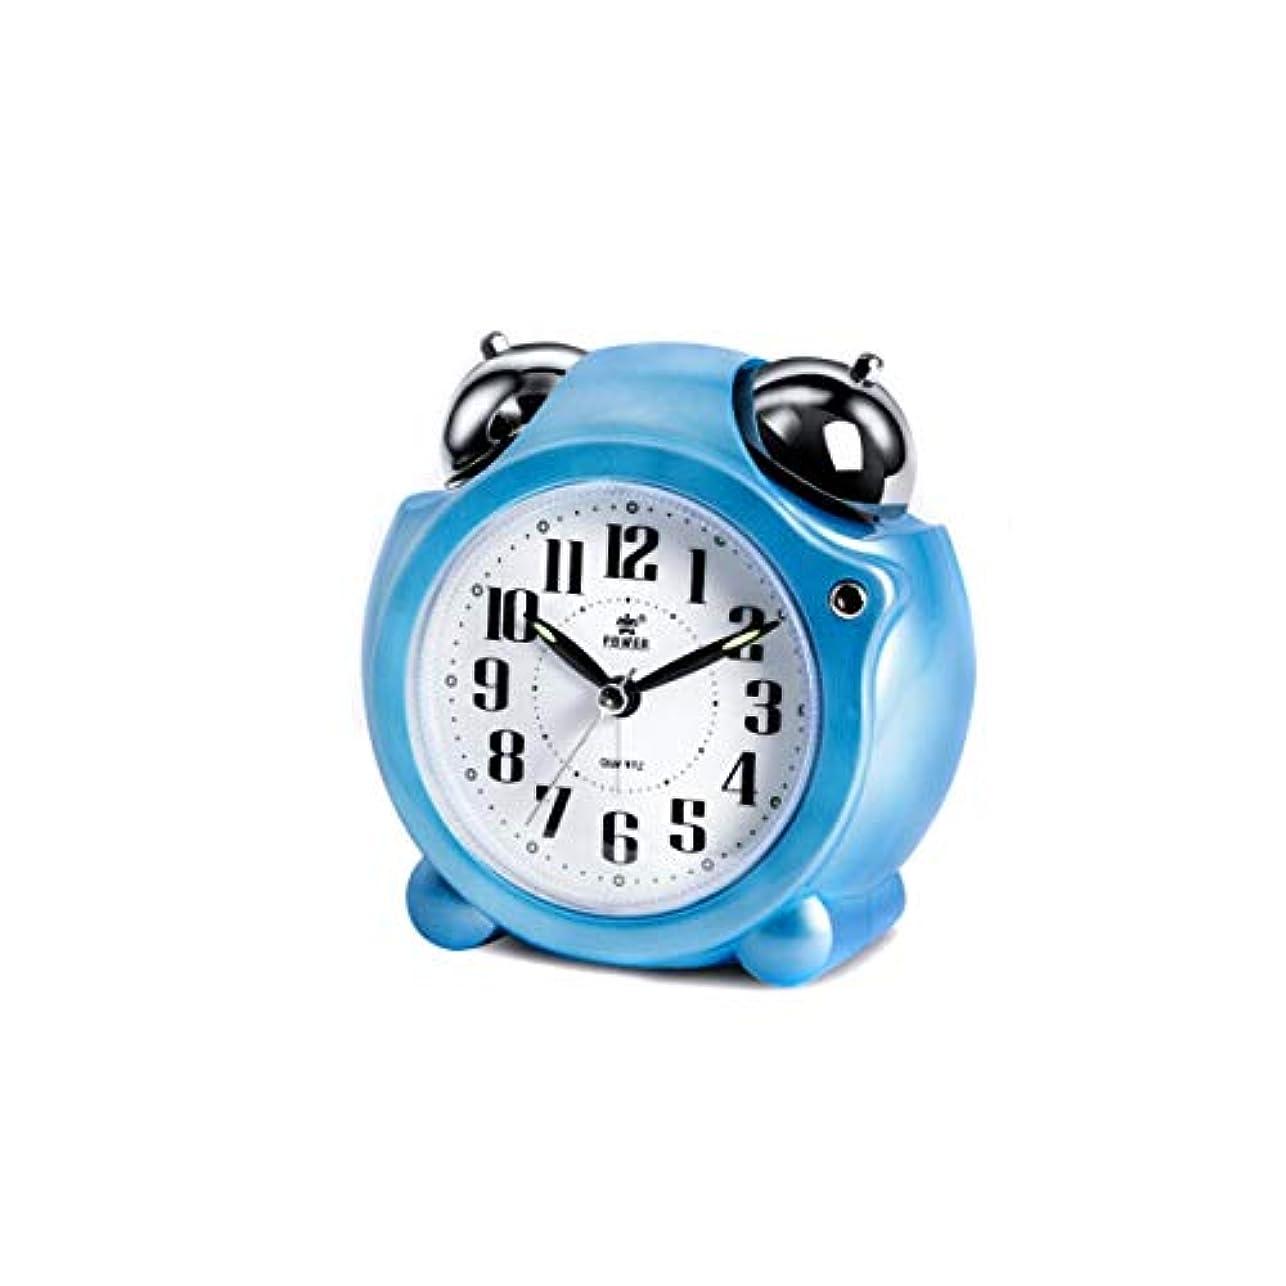 違法時折市の中心部Qiyuezhuangshi001 目覚まし時計、創造的な時計スヌーズメカニカルリンギングアラームテーブル、環境ポインター学生小さな目覚まし時計、ベッドサイドベル時計、青、 材料の安全性 (Color : Blue)